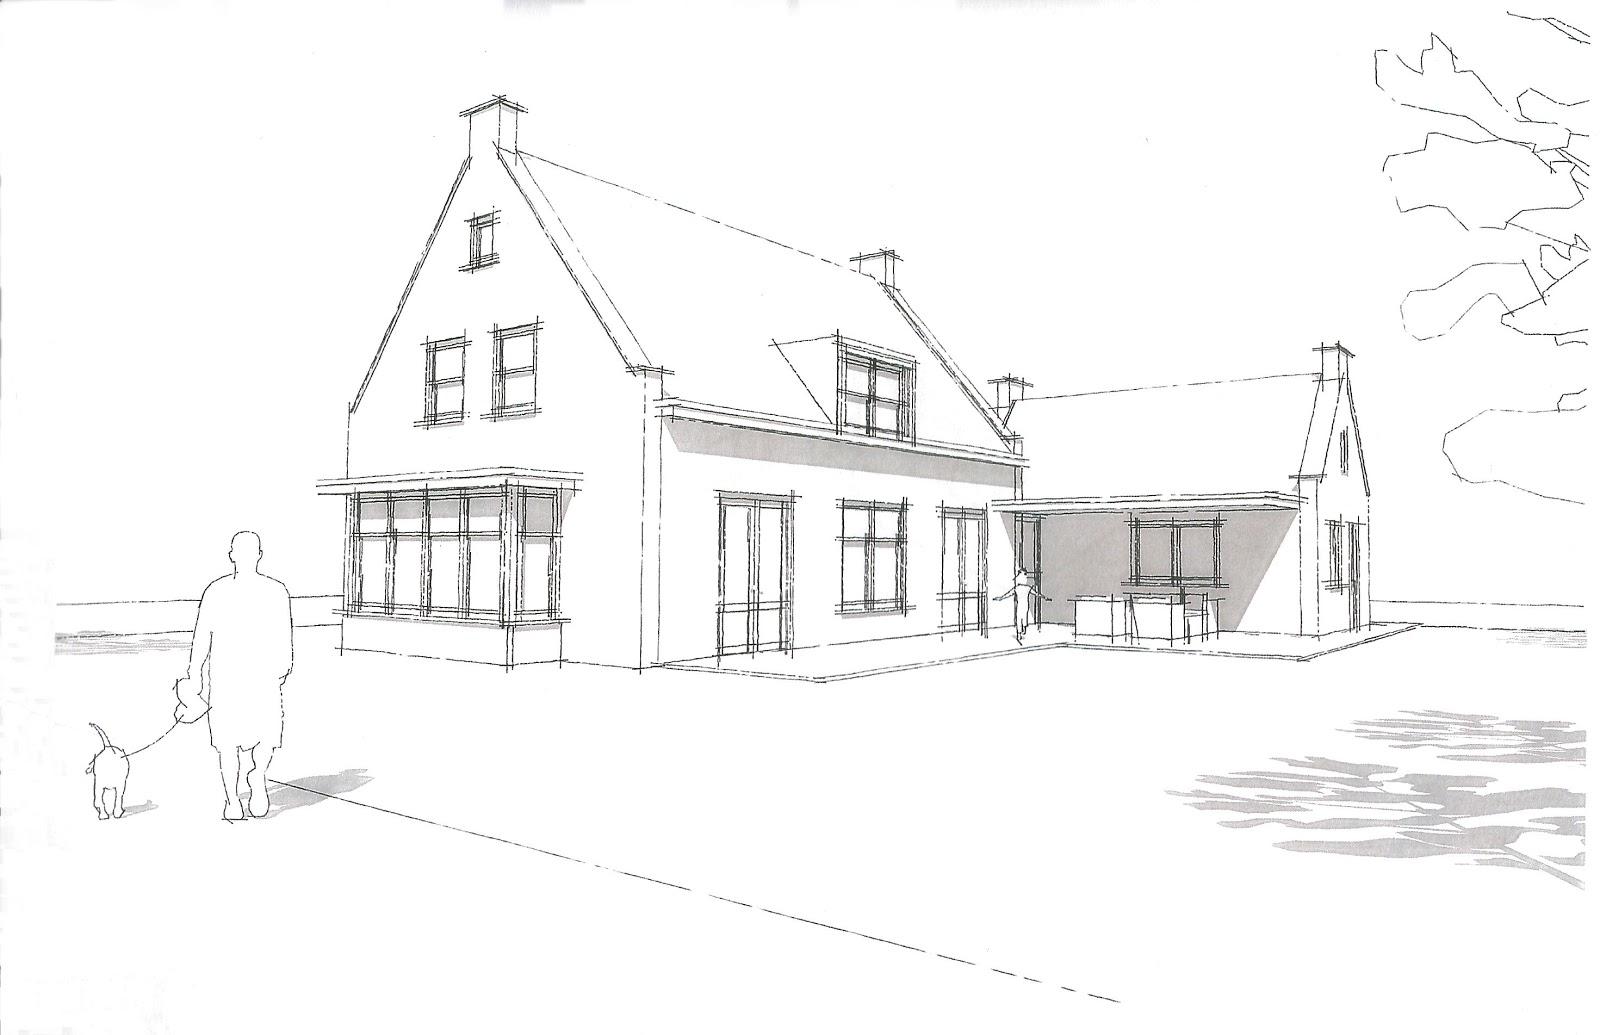 Het bouwen van ons nieuwe huis straat veranderd ontwerp for Huis bouwen stappen